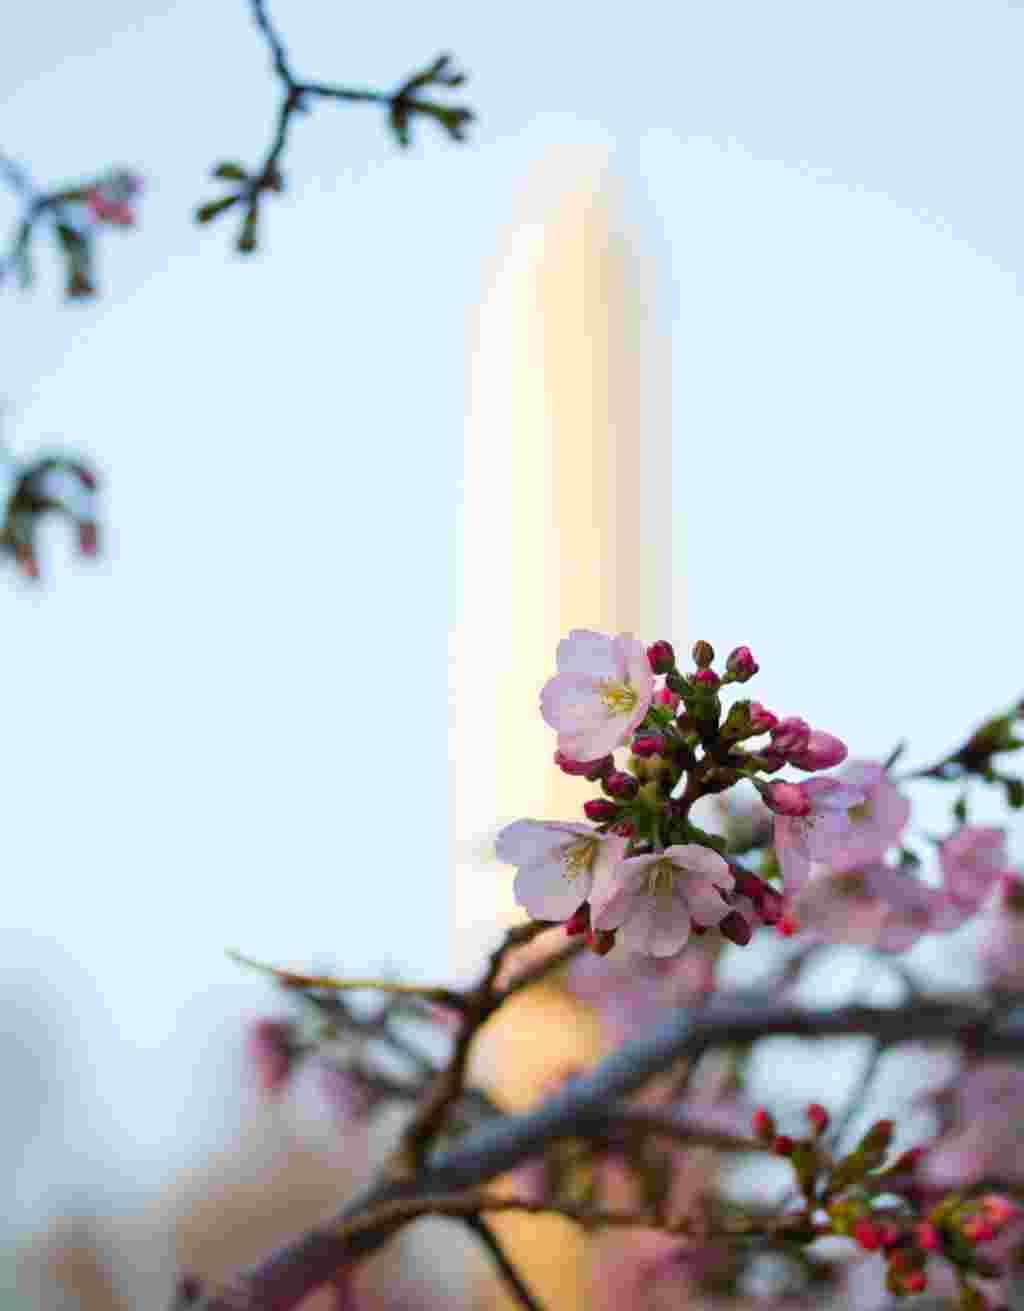 La imagen más emblemática de la ciudad: el Obelisco conocido como Monumento a Washington junto a los cerezos en flor.